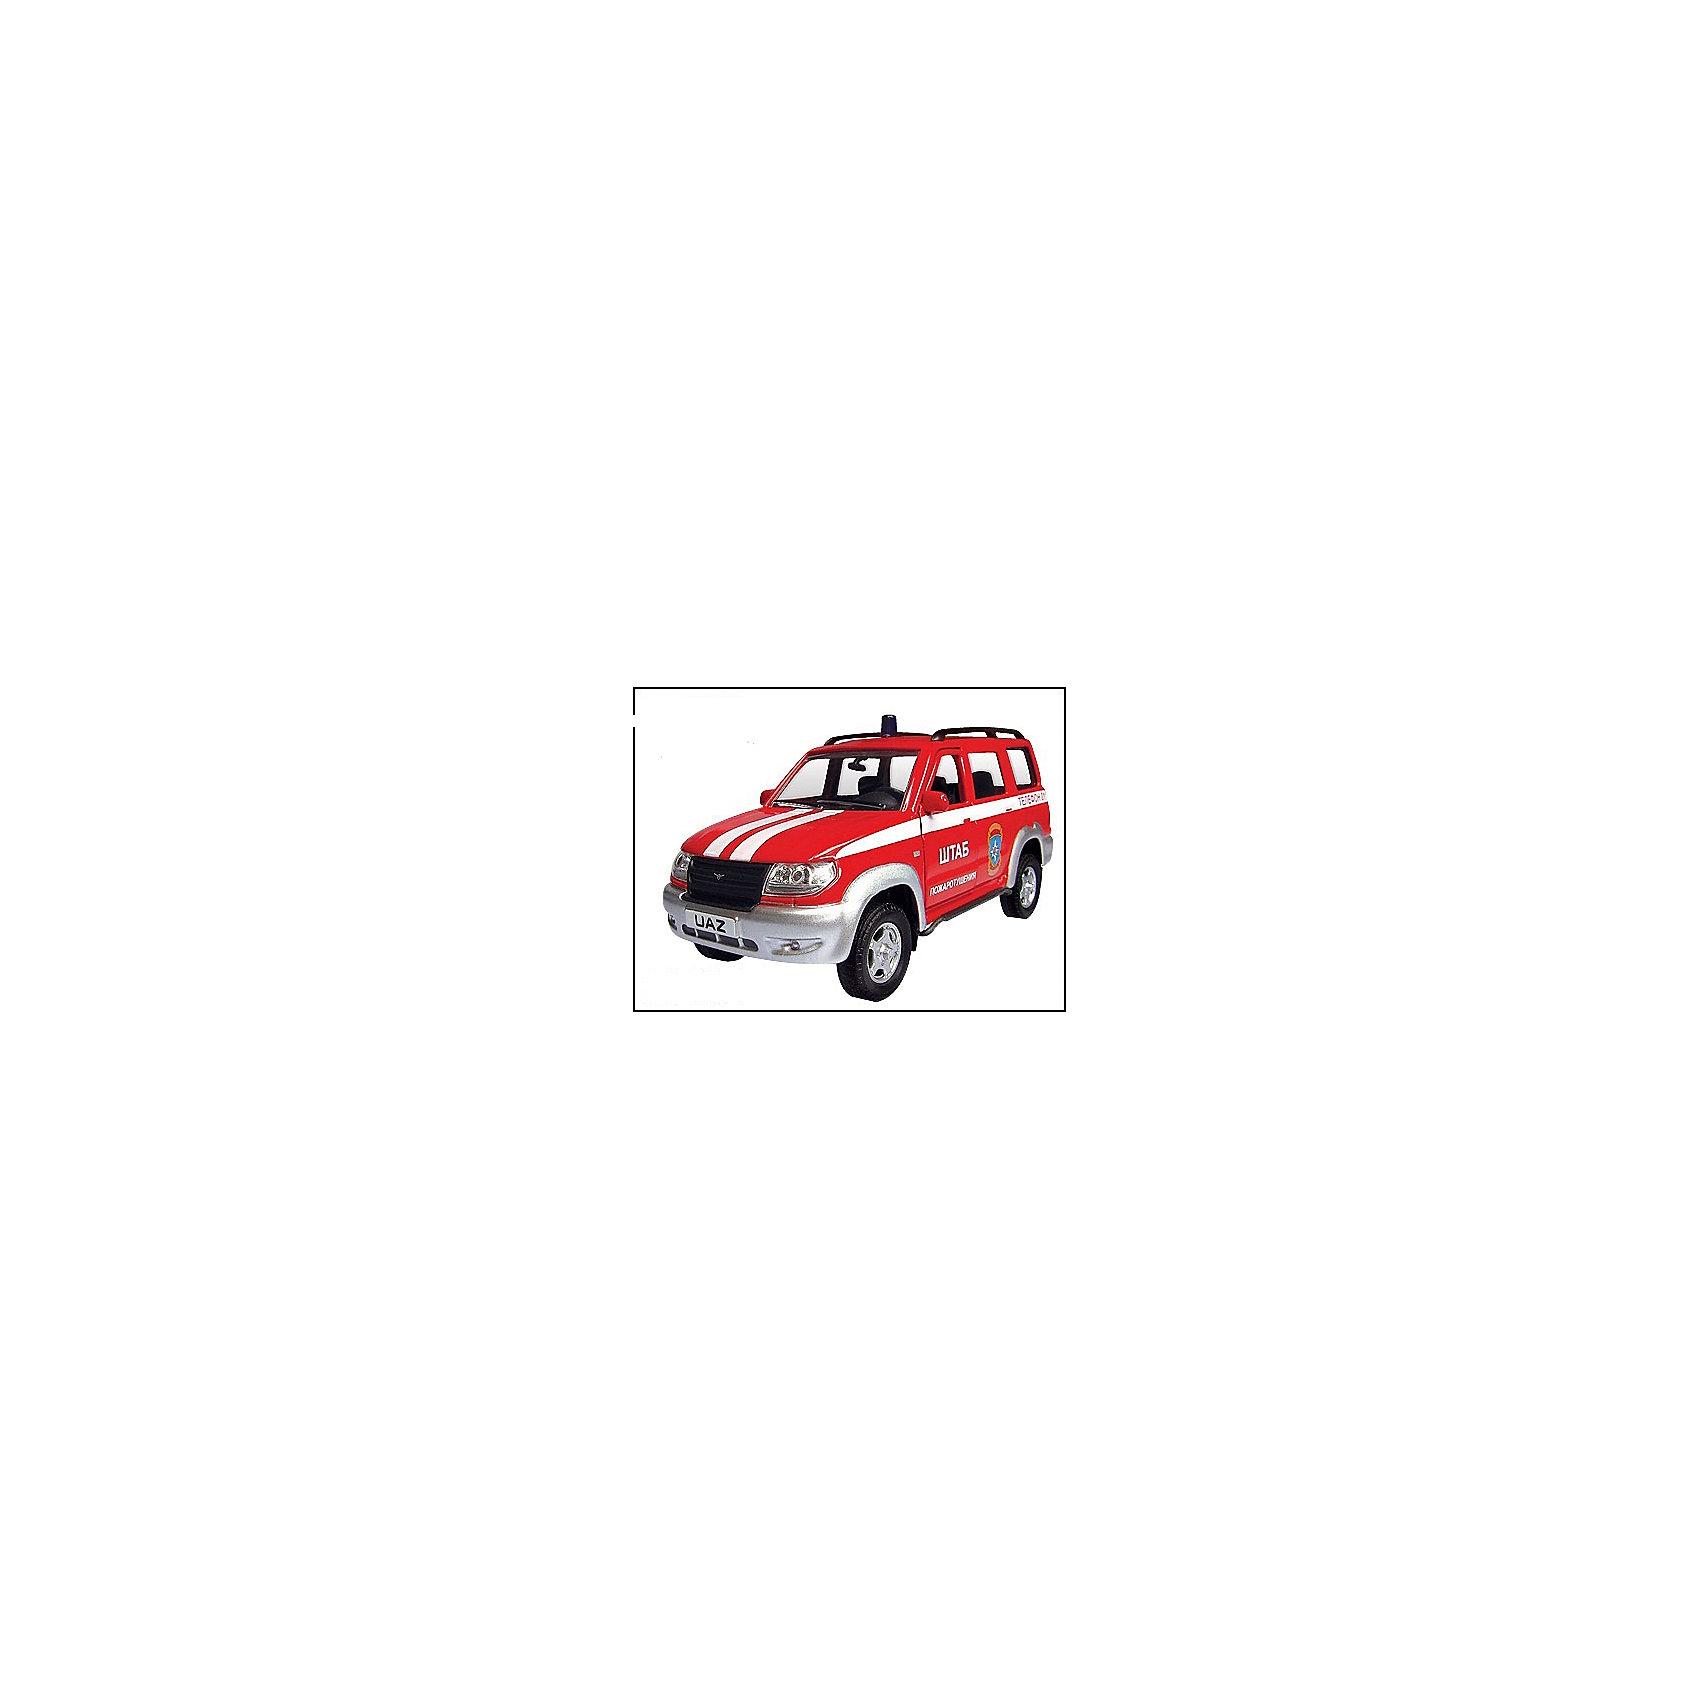 Машинка UAZ Patriot пожарная охрана 1:43, AutotimeМашинки<br>Машинка UAZ Patriot пожарная охрана 1:43, Autotime (Автотайм).<br><br>Характеристики:<br><br>• Масштаб 1:43<br>• Длина машинки: 11,5 см.<br>• Цвет: ярко-красный<br>• Материал: металл, пластик<br>• Упаковка: картонная коробка блистерного типа<br>• Размер упаковки: 16,5x5,7x7,2 см.<br><br>Машинка UAZ Patriot пожарная охрана от Autotime (Автотайм) является уменьшенной копией настоящего автомобиля. Модель отличается высокой степенью детализации. Корпус машинки металлический с пластиковыми элементами. Автомобиль очень реалистично раскрашен. Передние двери открываются, что позволяет рассмотреть салон изнутри в деталях. Машинка оснащена инерционным механизмом. Машинка UAZ Patriot пожарная охрана, выпущенная в русской серии бренда Autotime (Автотайм), станет хорошим подарком и ребенку, и коллекционеру моделей автомобилей.<br><br>Машинку UAZ Patriot пожарная охрана 1:43, Autotime (Автотайм) можно купить в нашем интернет-магазине.<br><br>Ширина мм: 165<br>Глубина мм: 57<br>Высота мм: 75<br>Вес г: 13<br>Возраст от месяцев: 36<br>Возраст до месяцев: 2147483647<br>Пол: Мужской<br>Возраст: Детский<br>SKU: 5583877